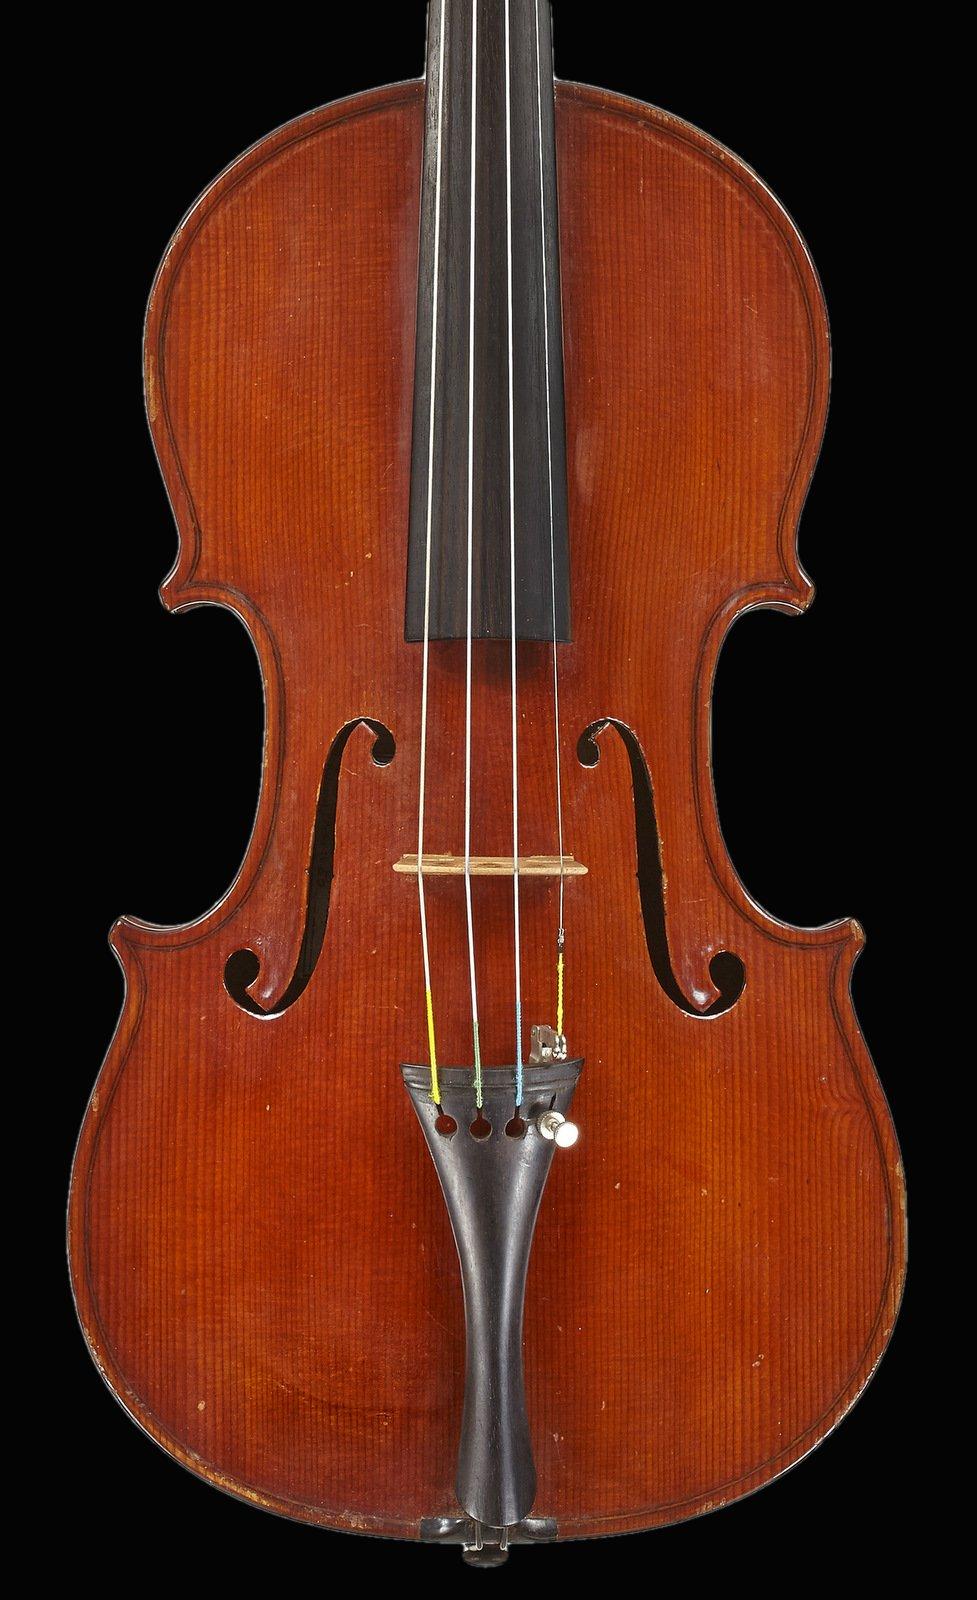 Italian violin by  Natale Carletti, Pieve di cento 1950